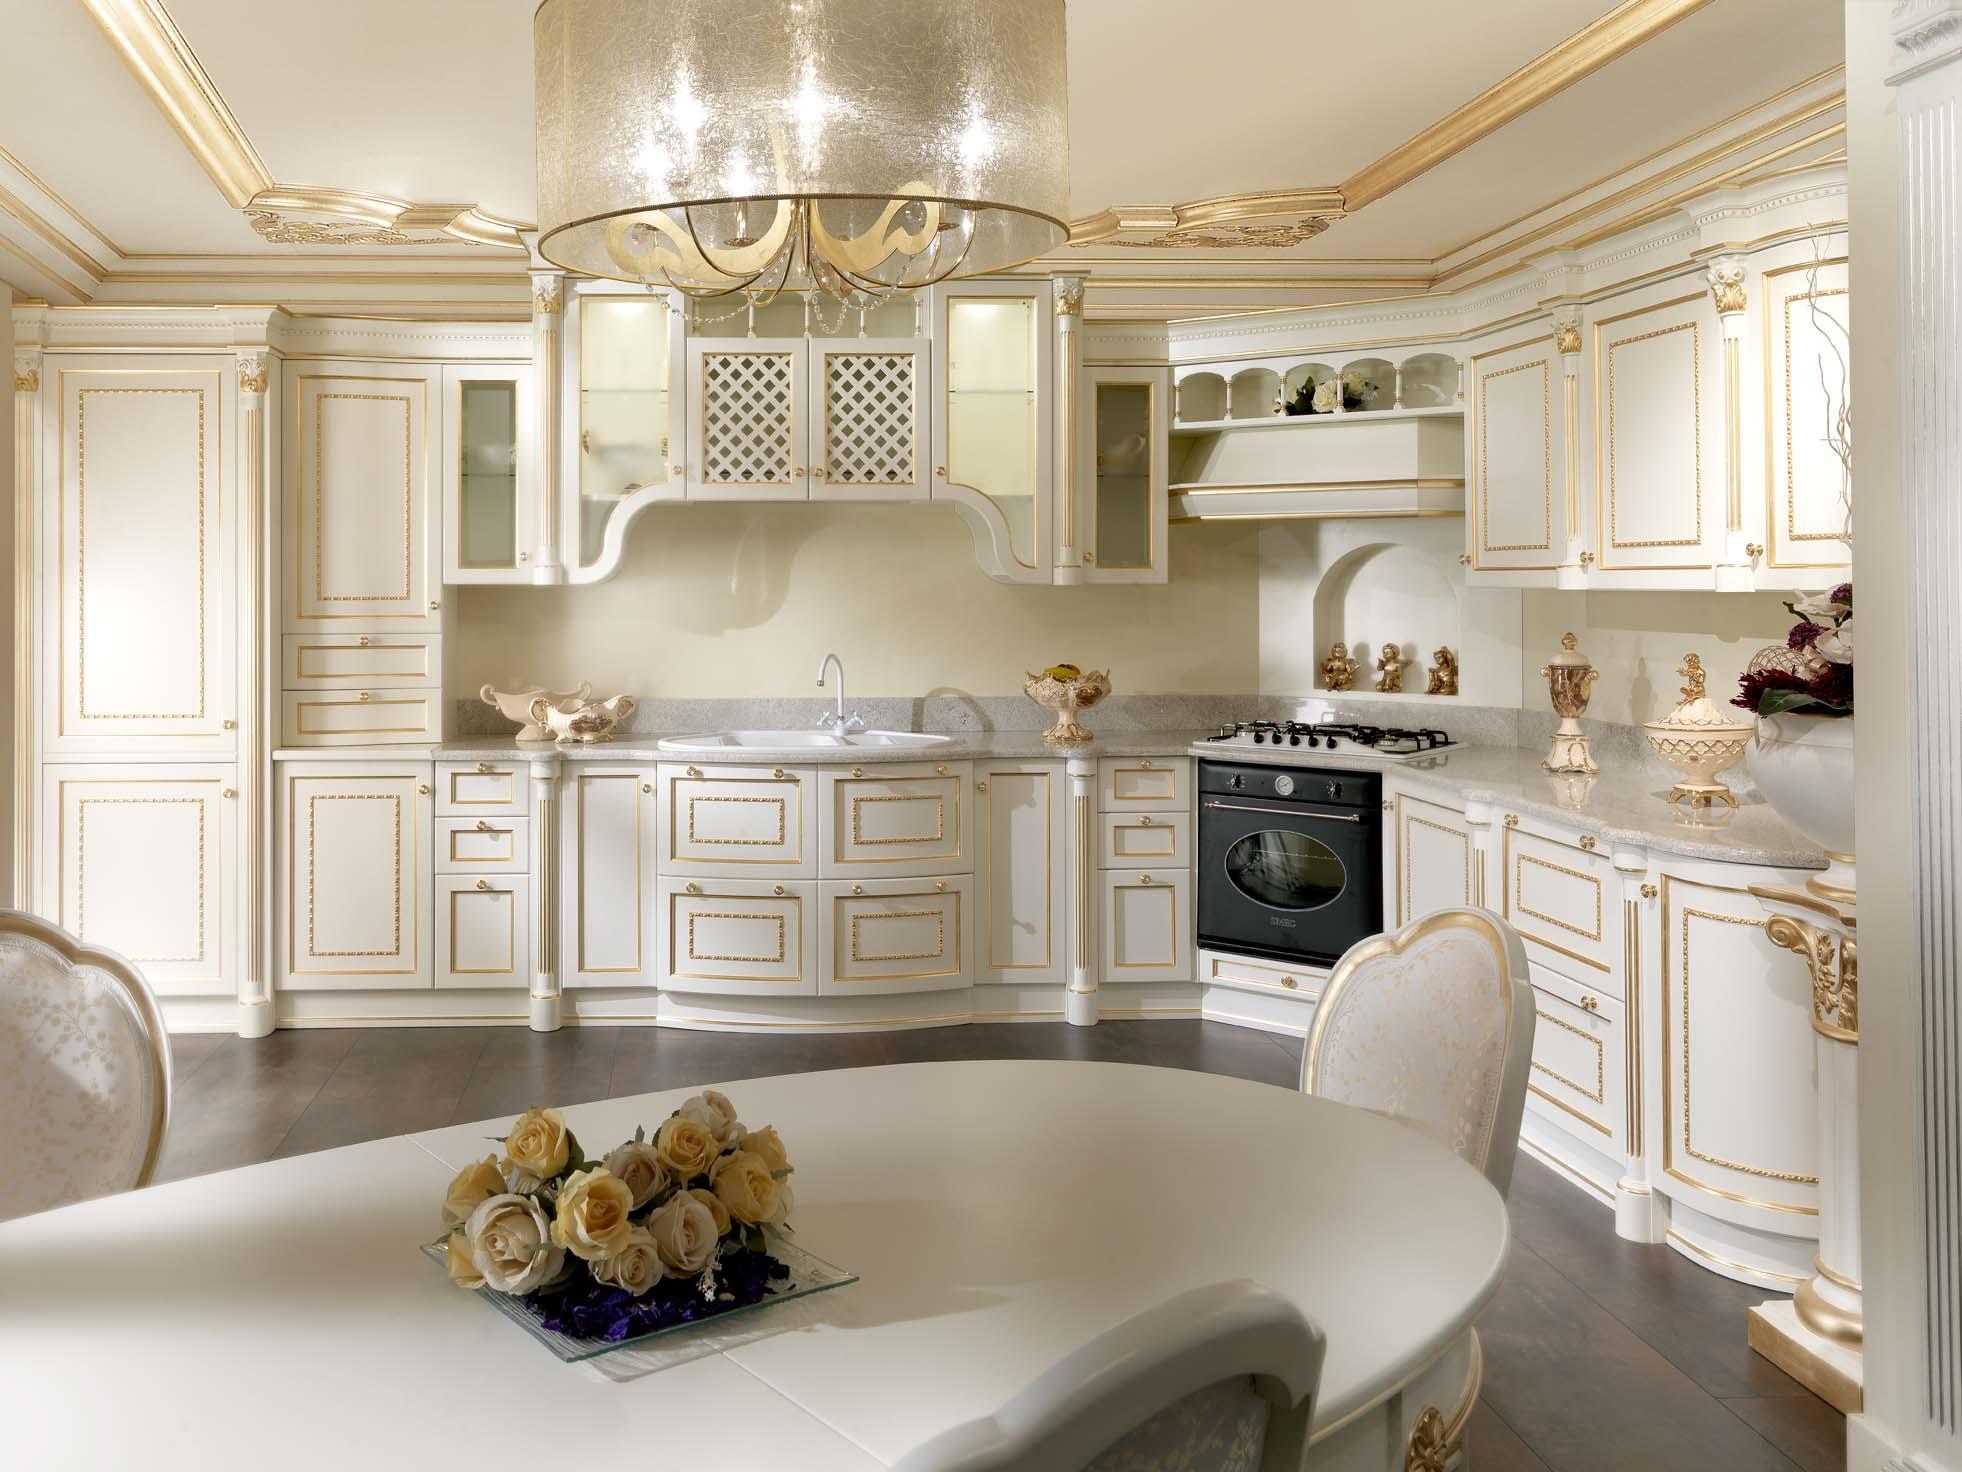 Потолок в классическом стиле с золотым декором